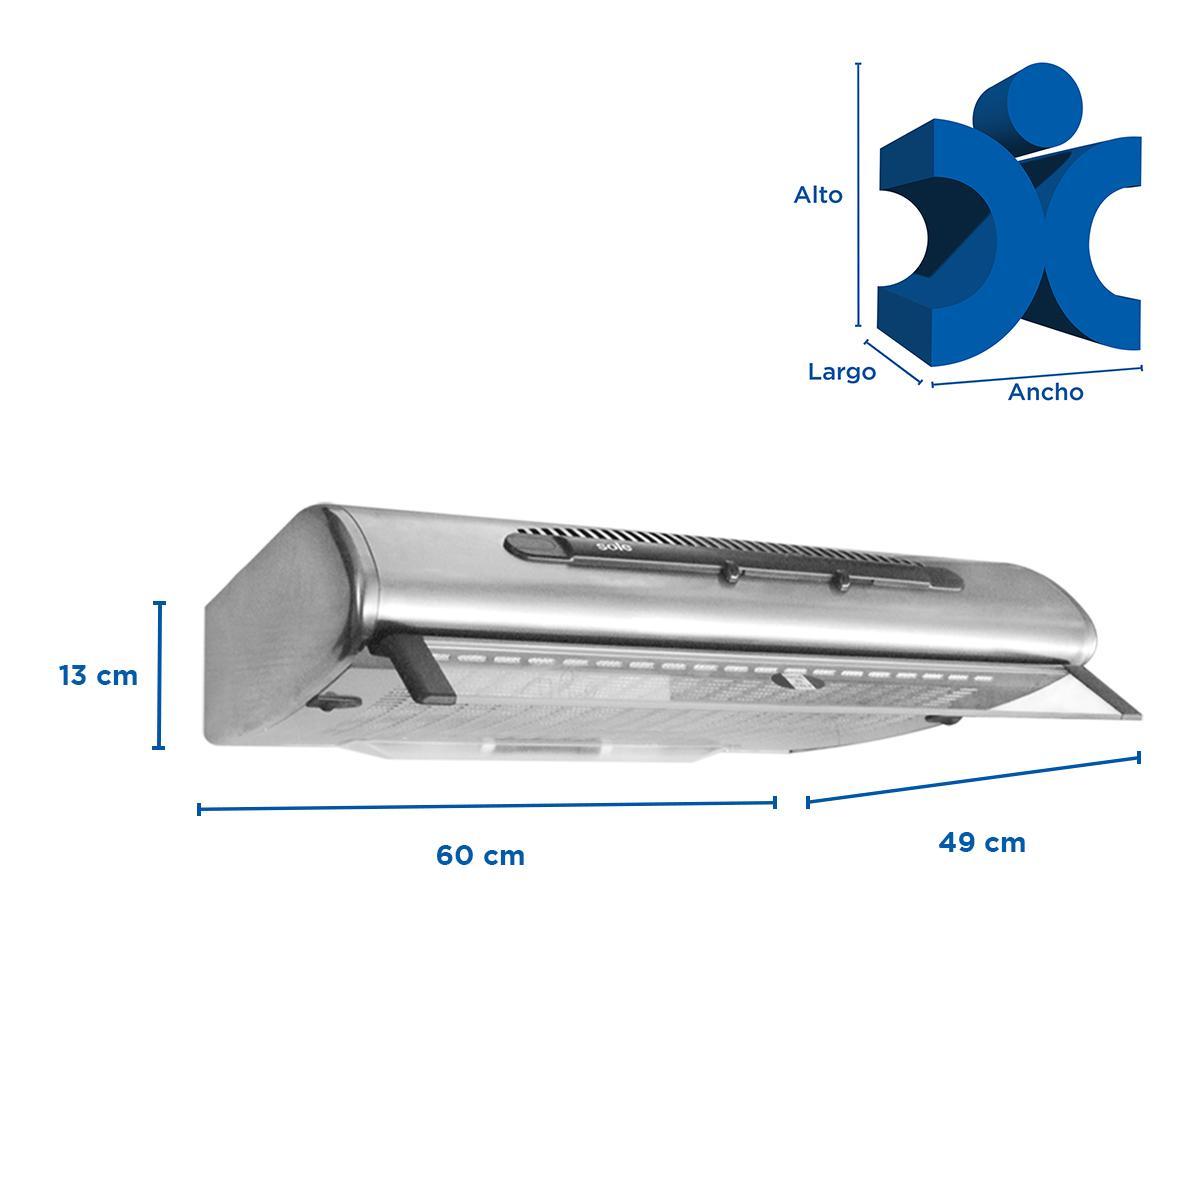 Campana Helena Lineal 60 cm - Acero